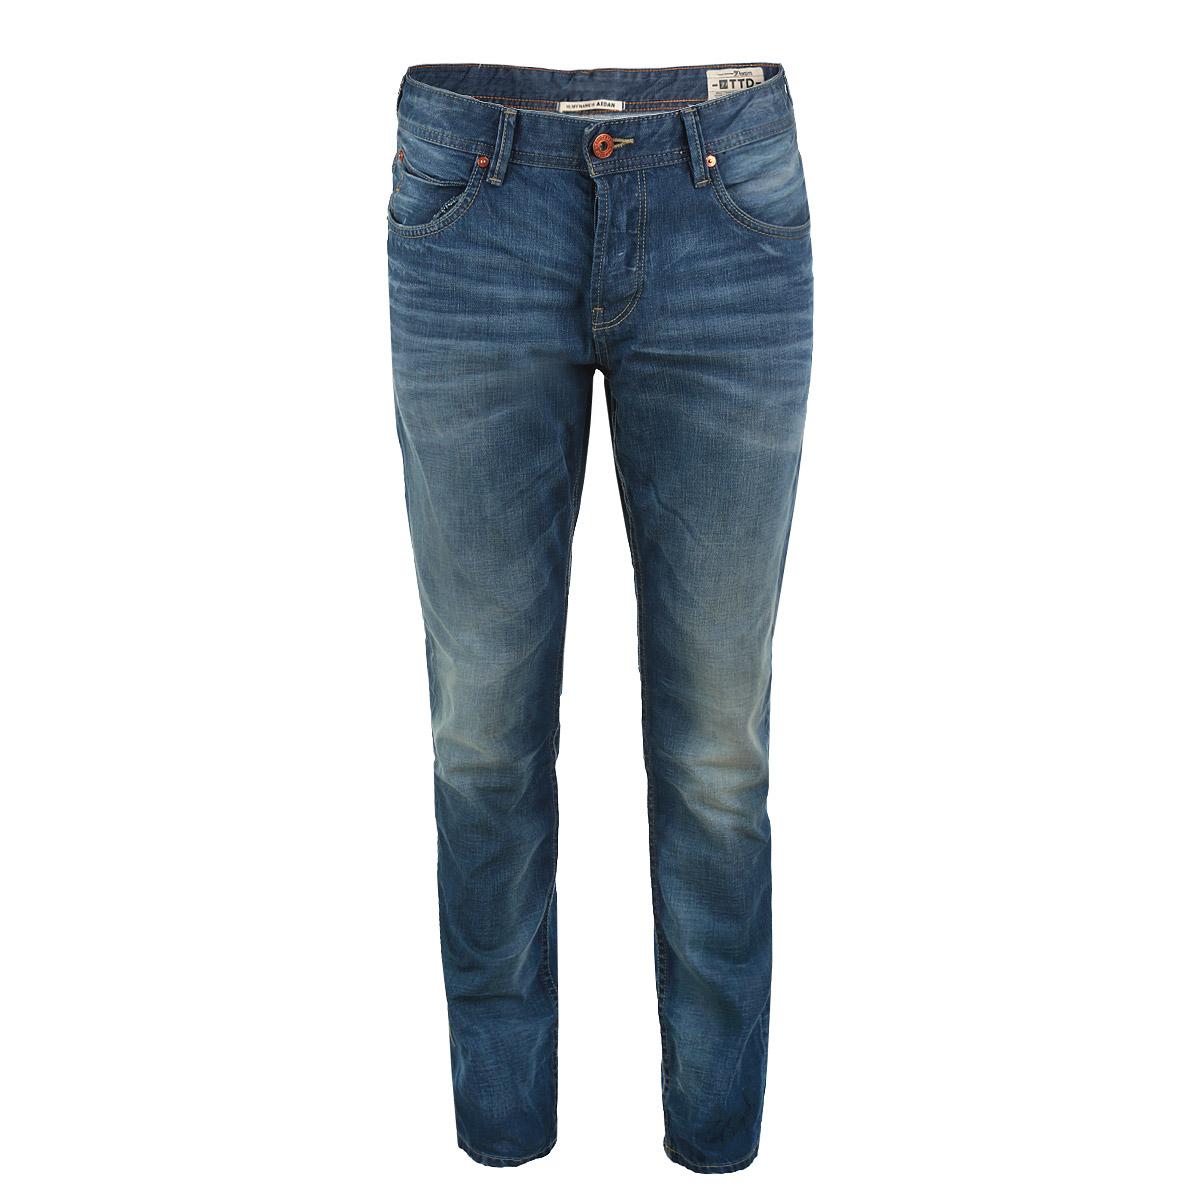 Джинсы мужские Aedan. 6203315.09.126203315.09.12_1052Стильные мужские джинсы Tom Tailor Denim, изготовленные из плотного хлопка, прекрасно дополнят образ, а также подарят комфорт. Джинсы на талии застегиваются на металлическую пуговицу и имеют ширинку на пуговицах, а также шлевки для ремня. Спереди модель дополнена двумя втачными карманами и одним накладным кармашком, а сзади - двумя накладными карманами. Джинсы оформлены эффектом потертости, перманентными складками и контрастной отстрочкой. Эти модные и в тоже время удобные джинсы помогут вам создать оригинальный современный образ. В них вы всегда будете чувствовать себя уверенно и комфортно.